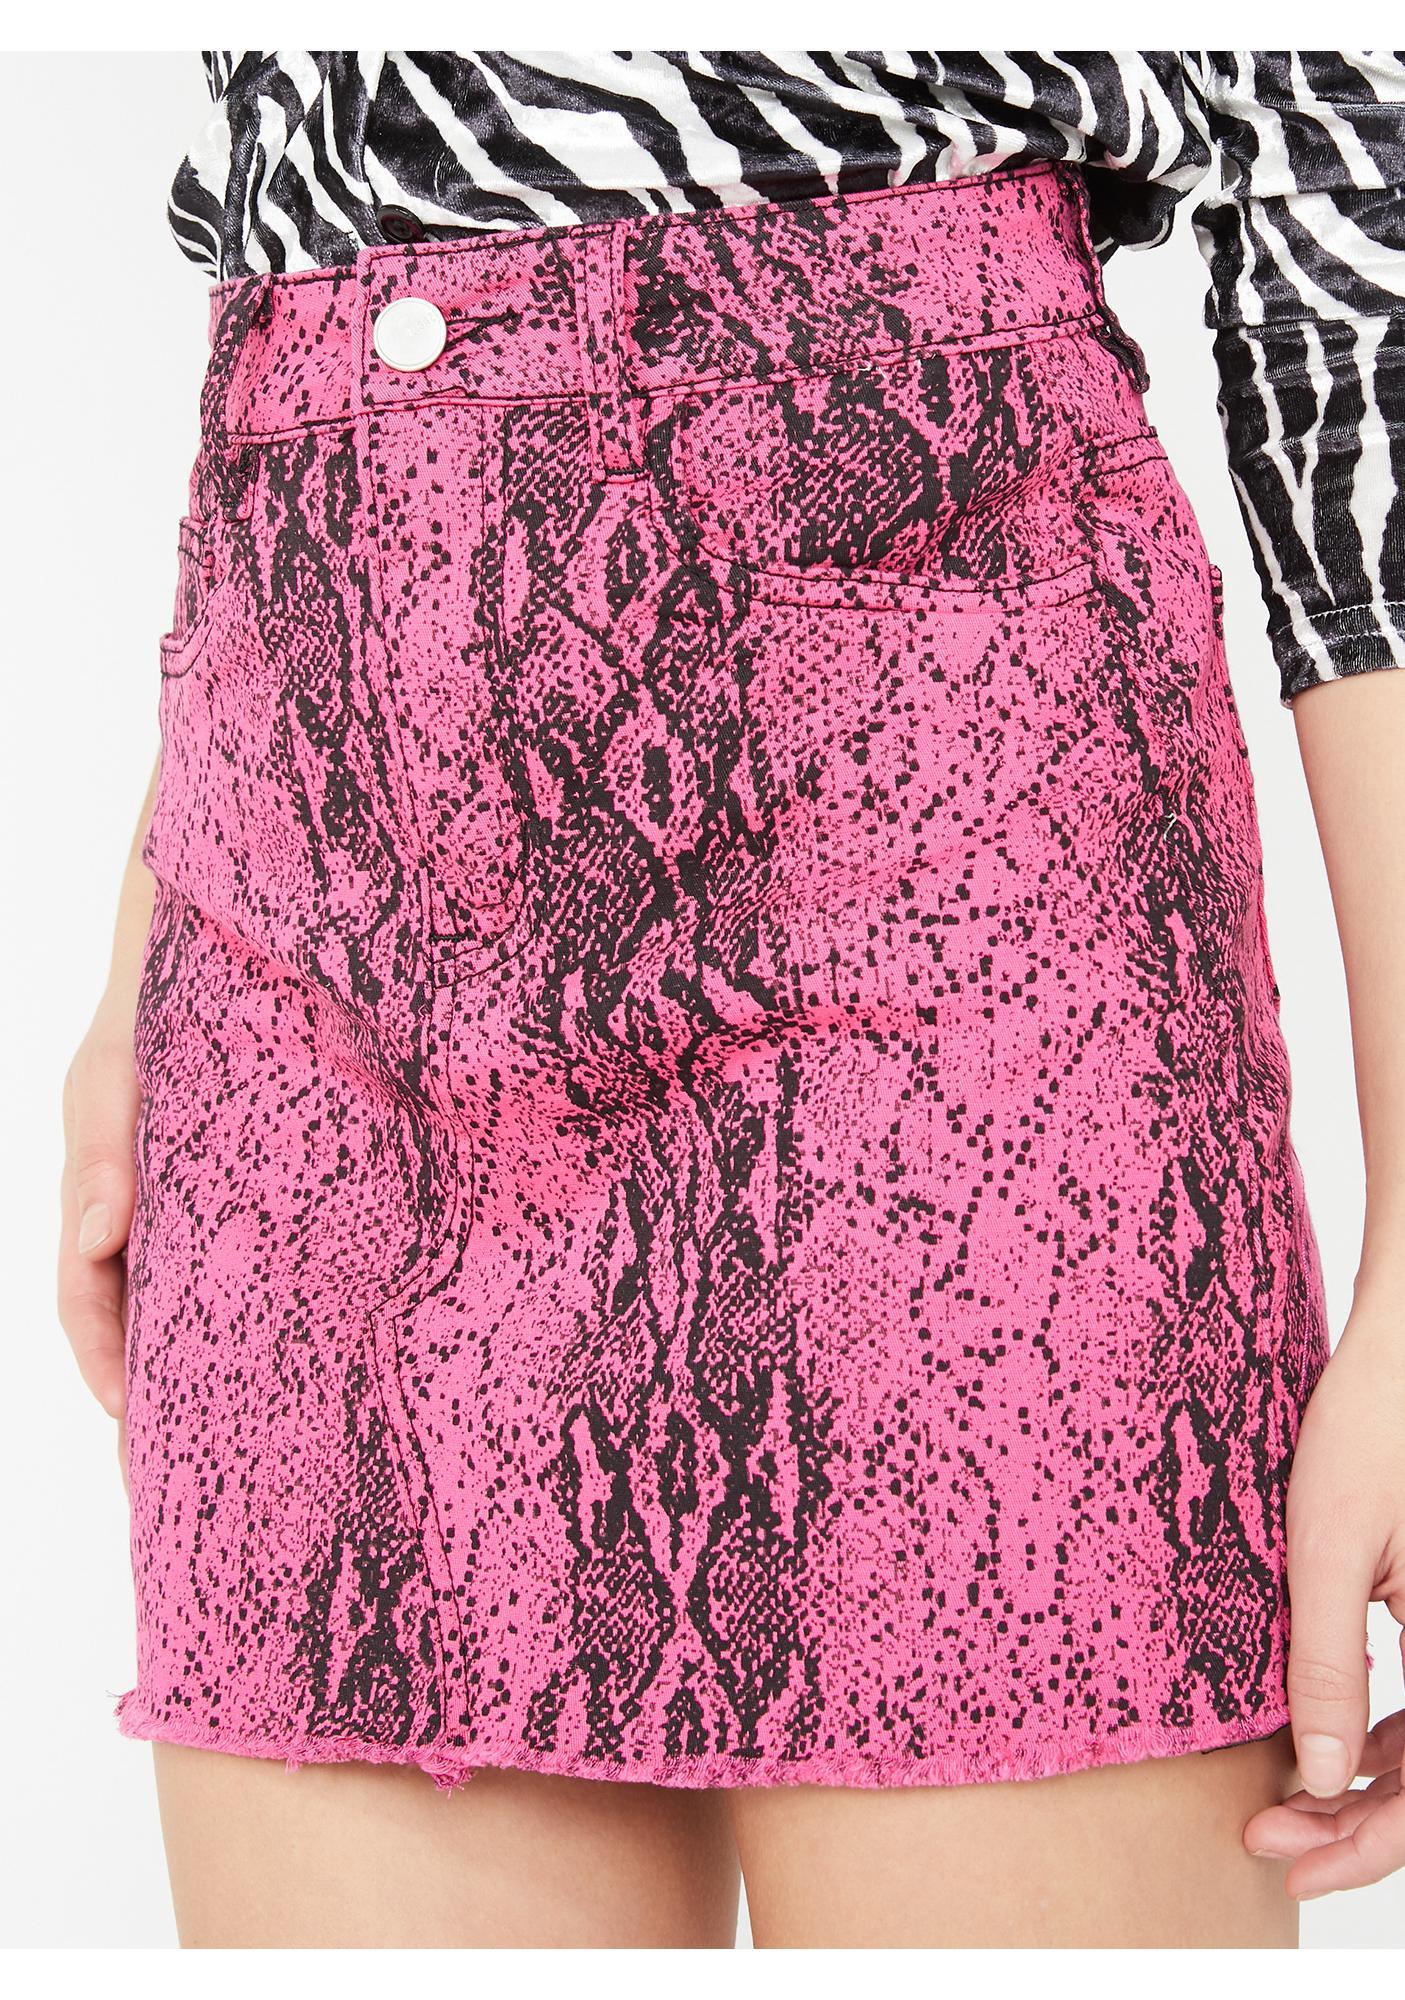 c8a1baeb1b Snakeskin Print Neon Mini Skirt | Dolls Kill